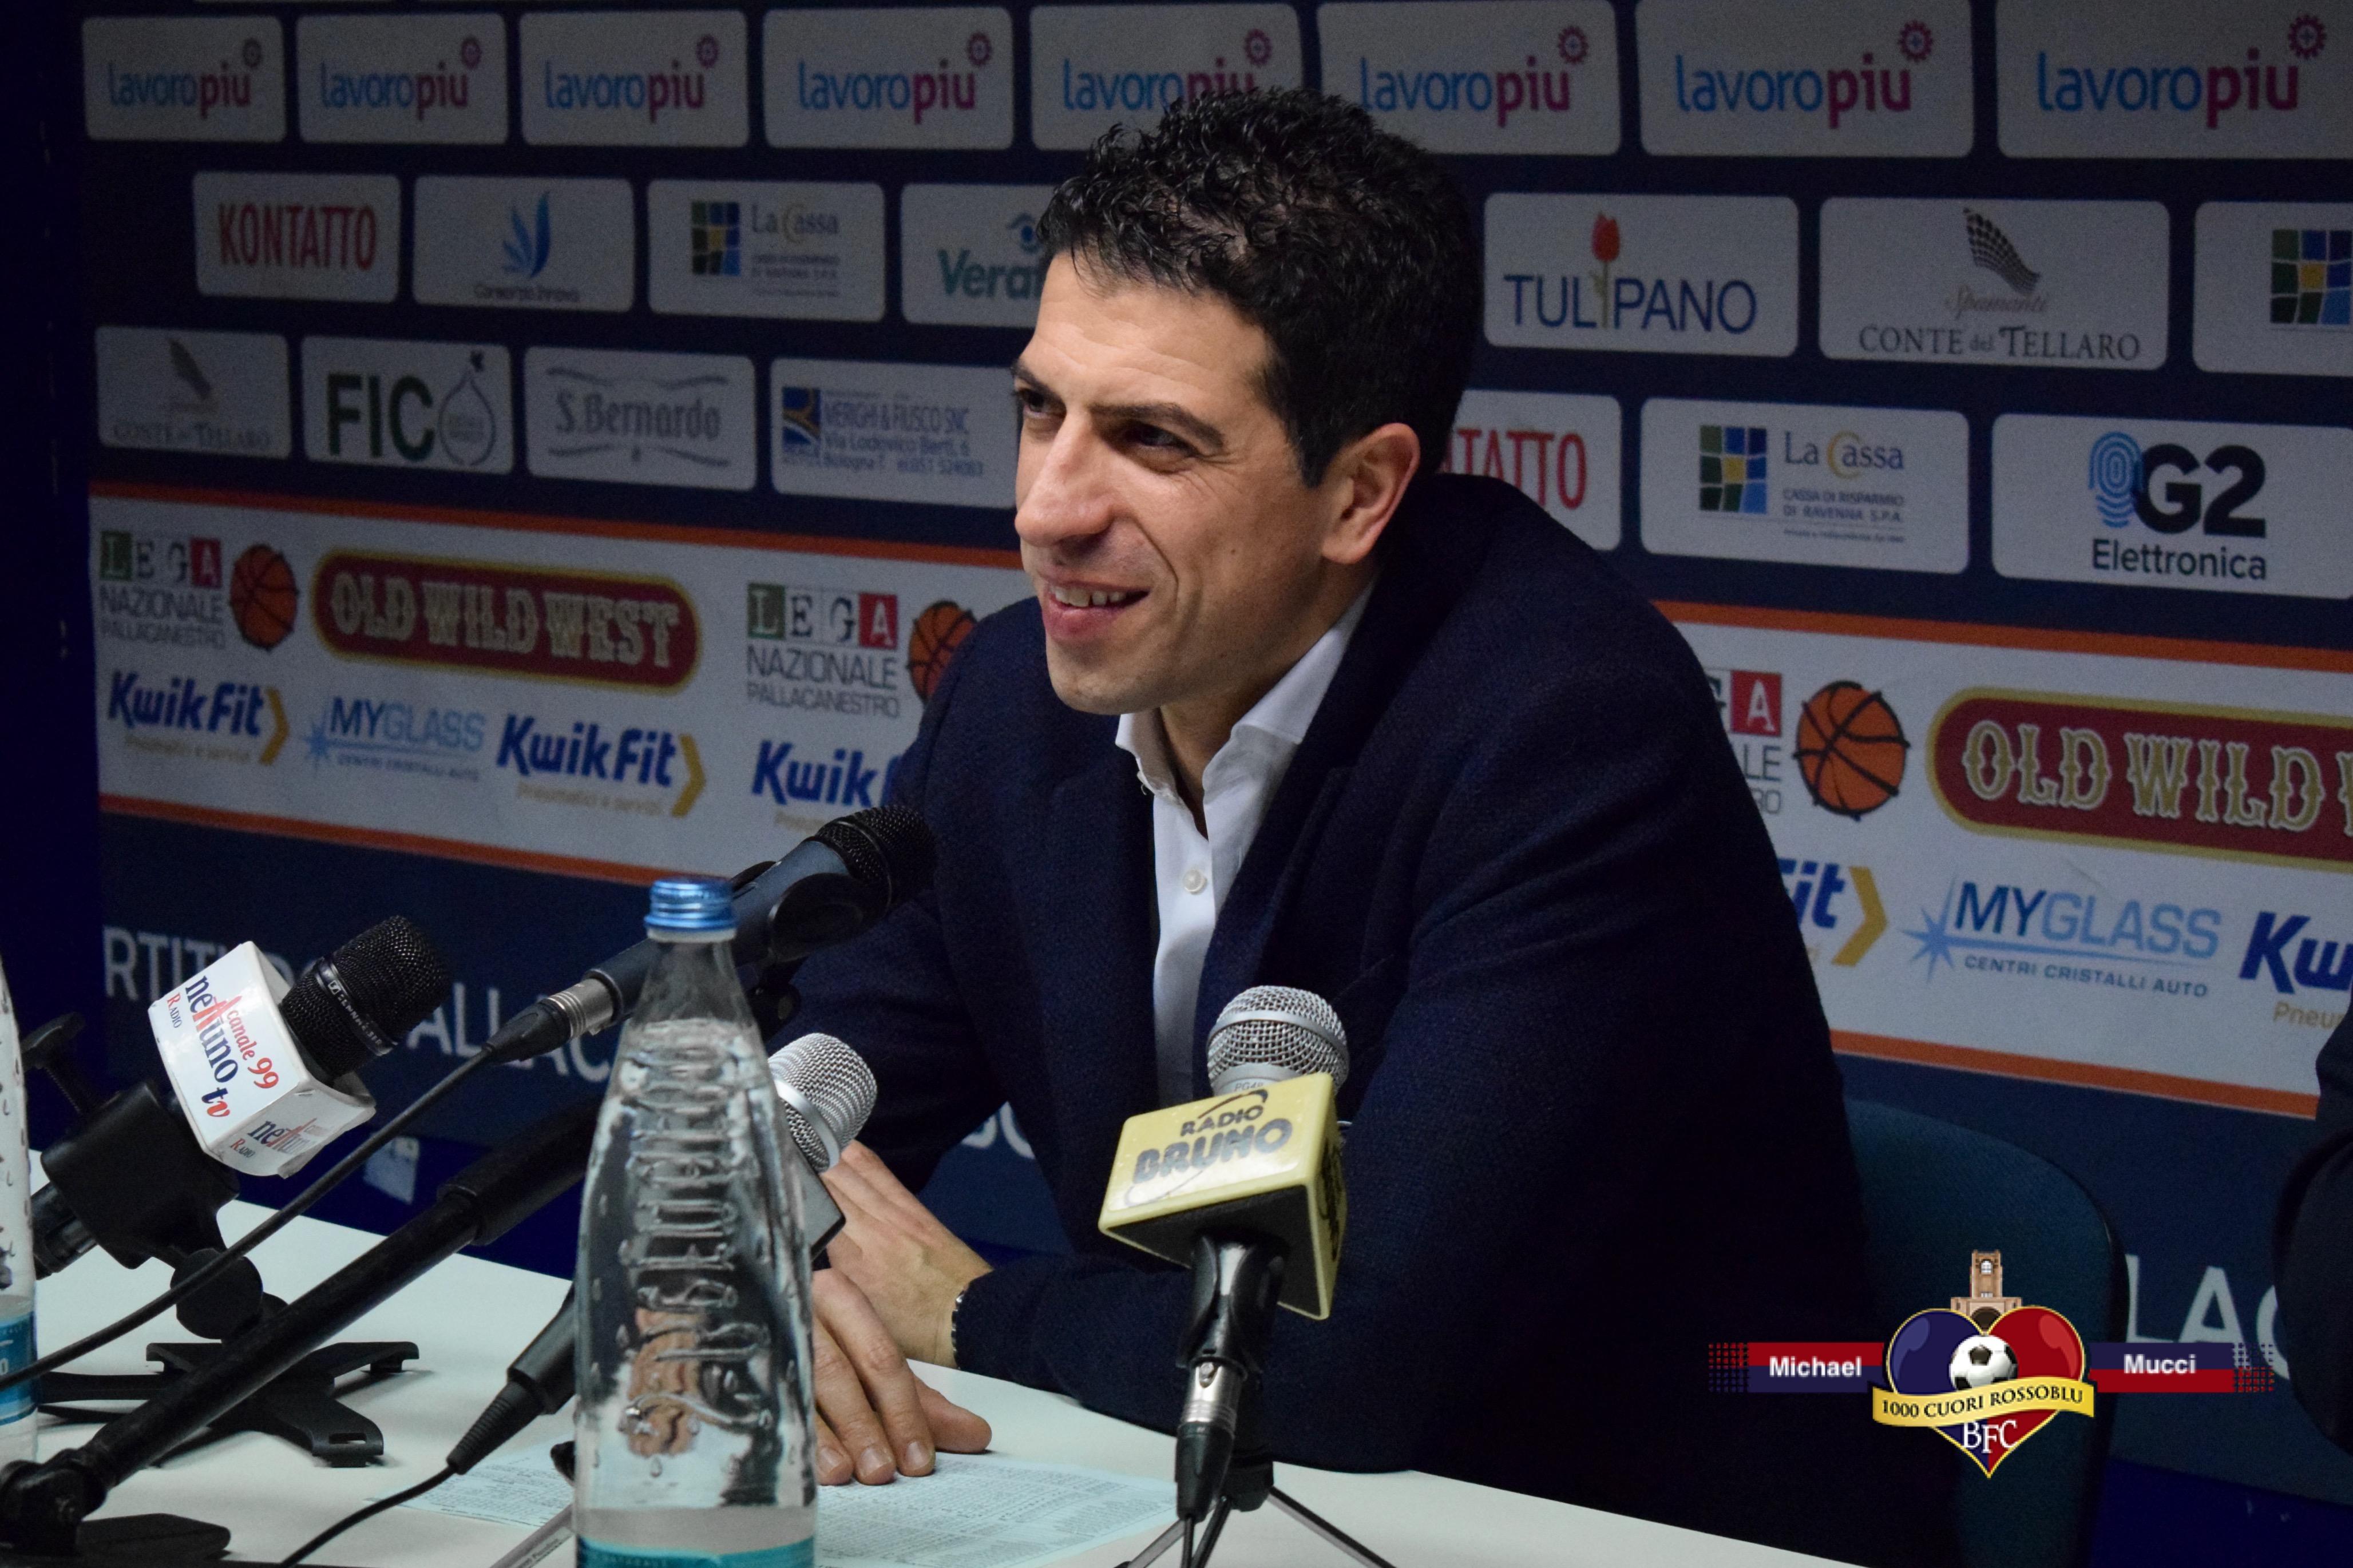 """Fortitudo-Pesaro, Antimo Martino: """"Ripartiamo con entusiasmo, ci teniamo a fare bene per dimostrare le nostre ambizioni"""""""